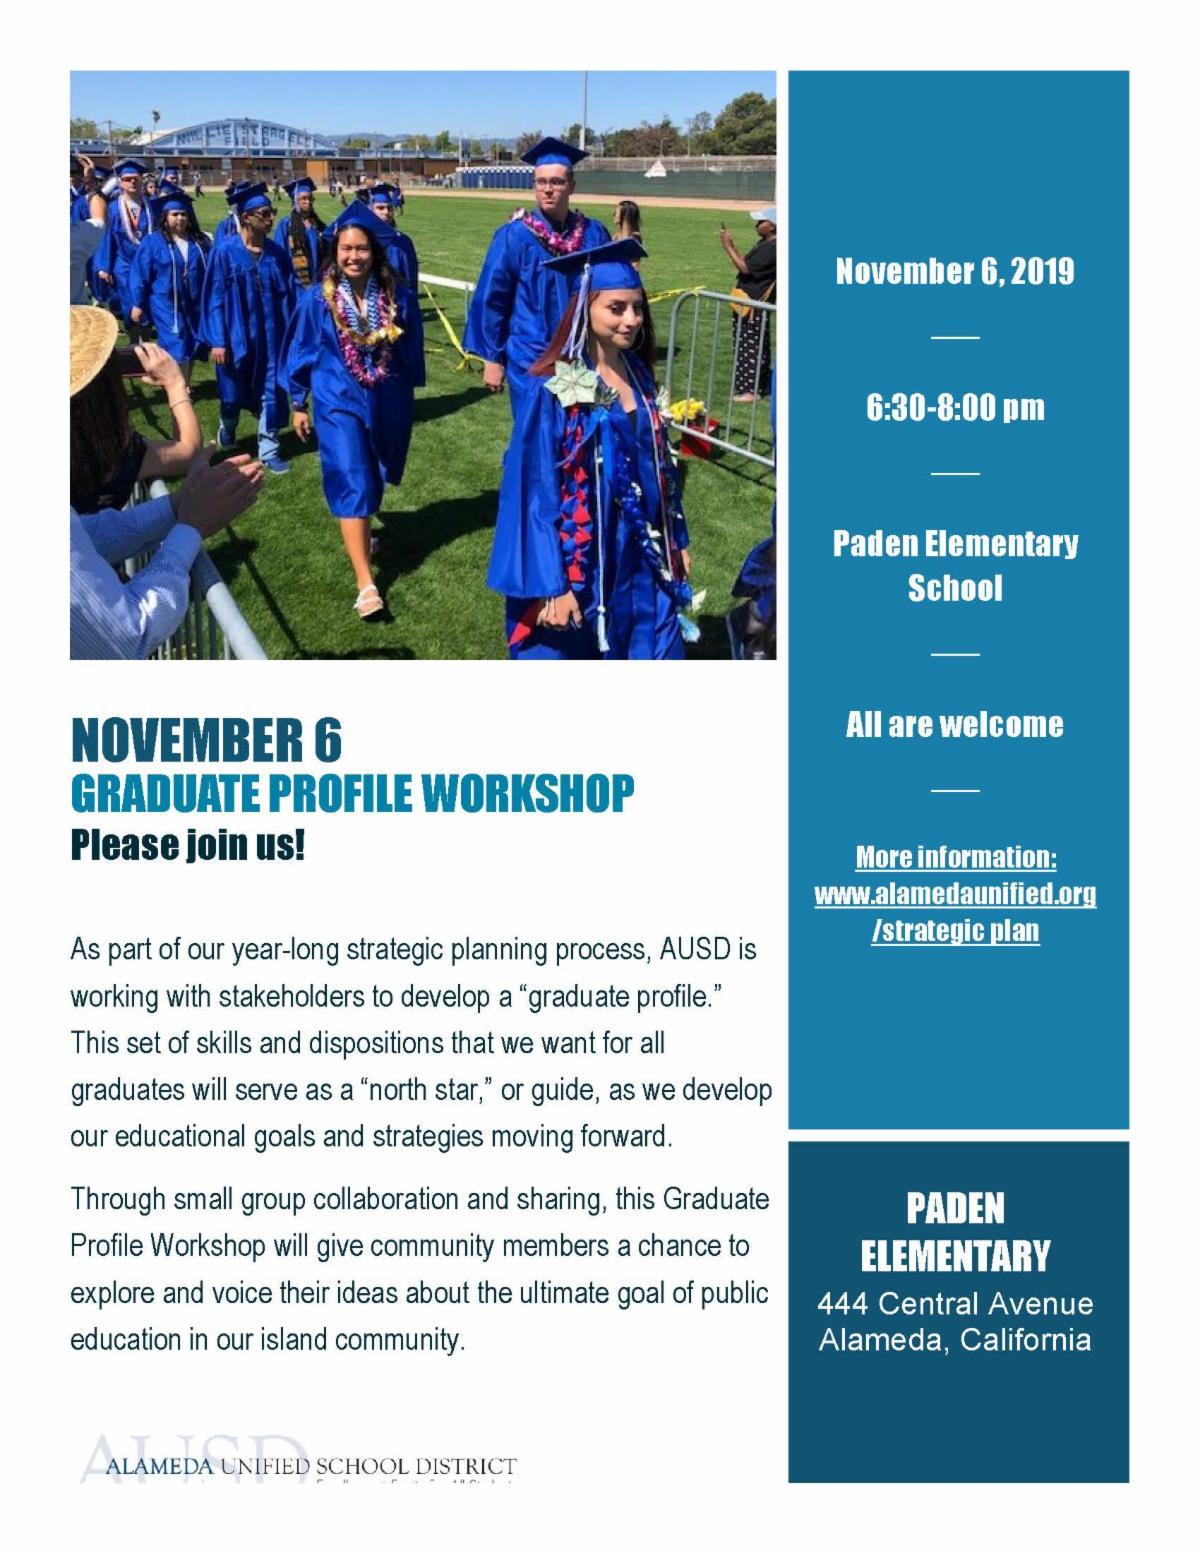 flyer for graduate profile workshop